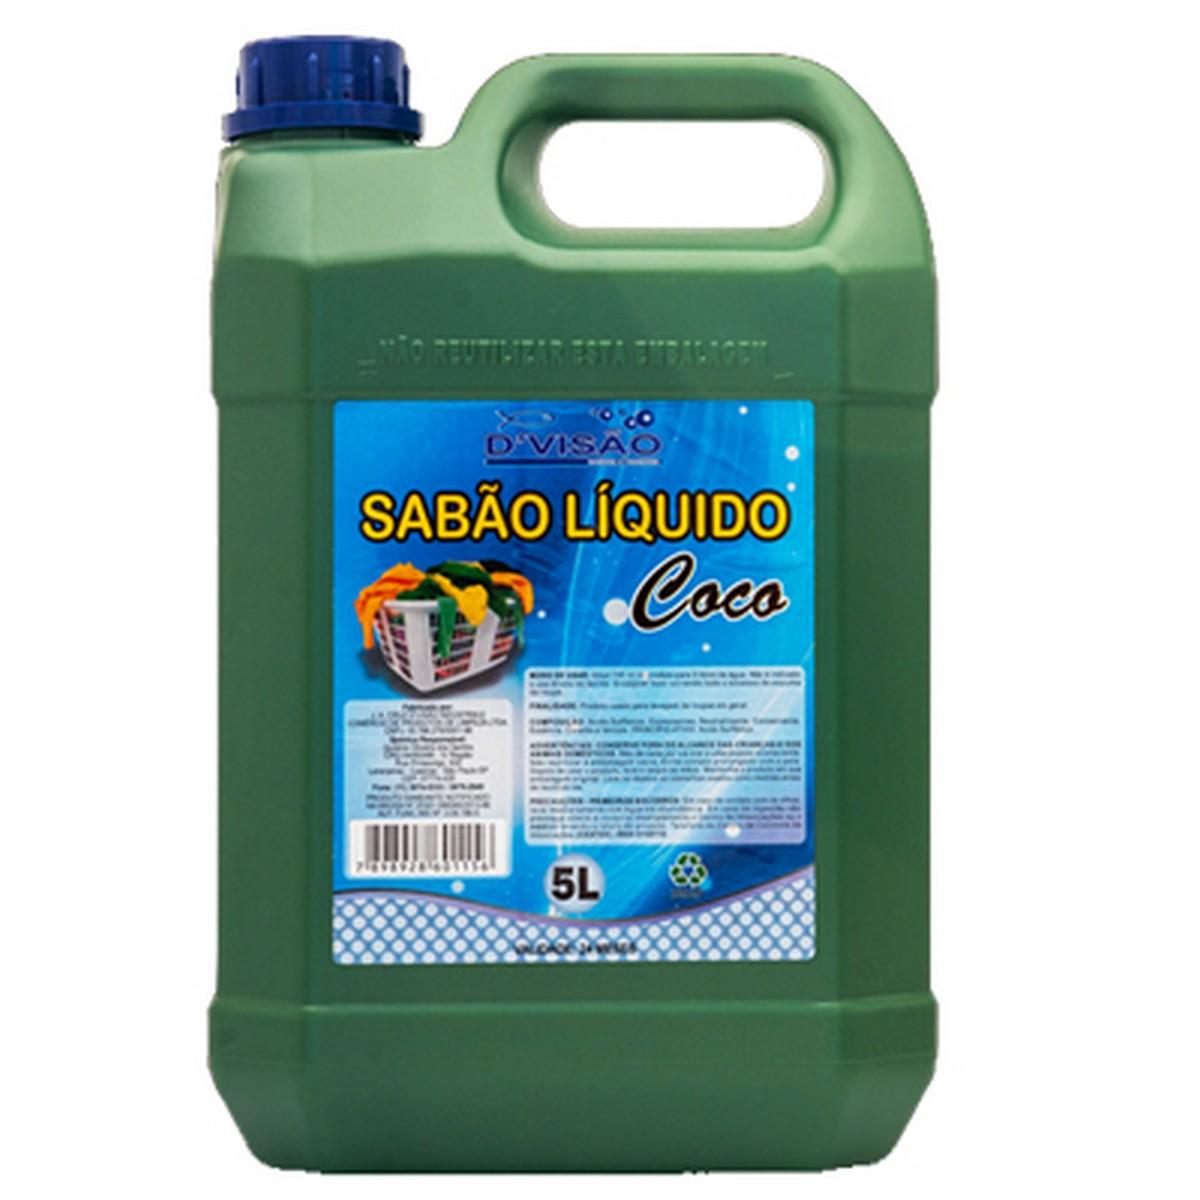 Distribuidor de sabonete liquido